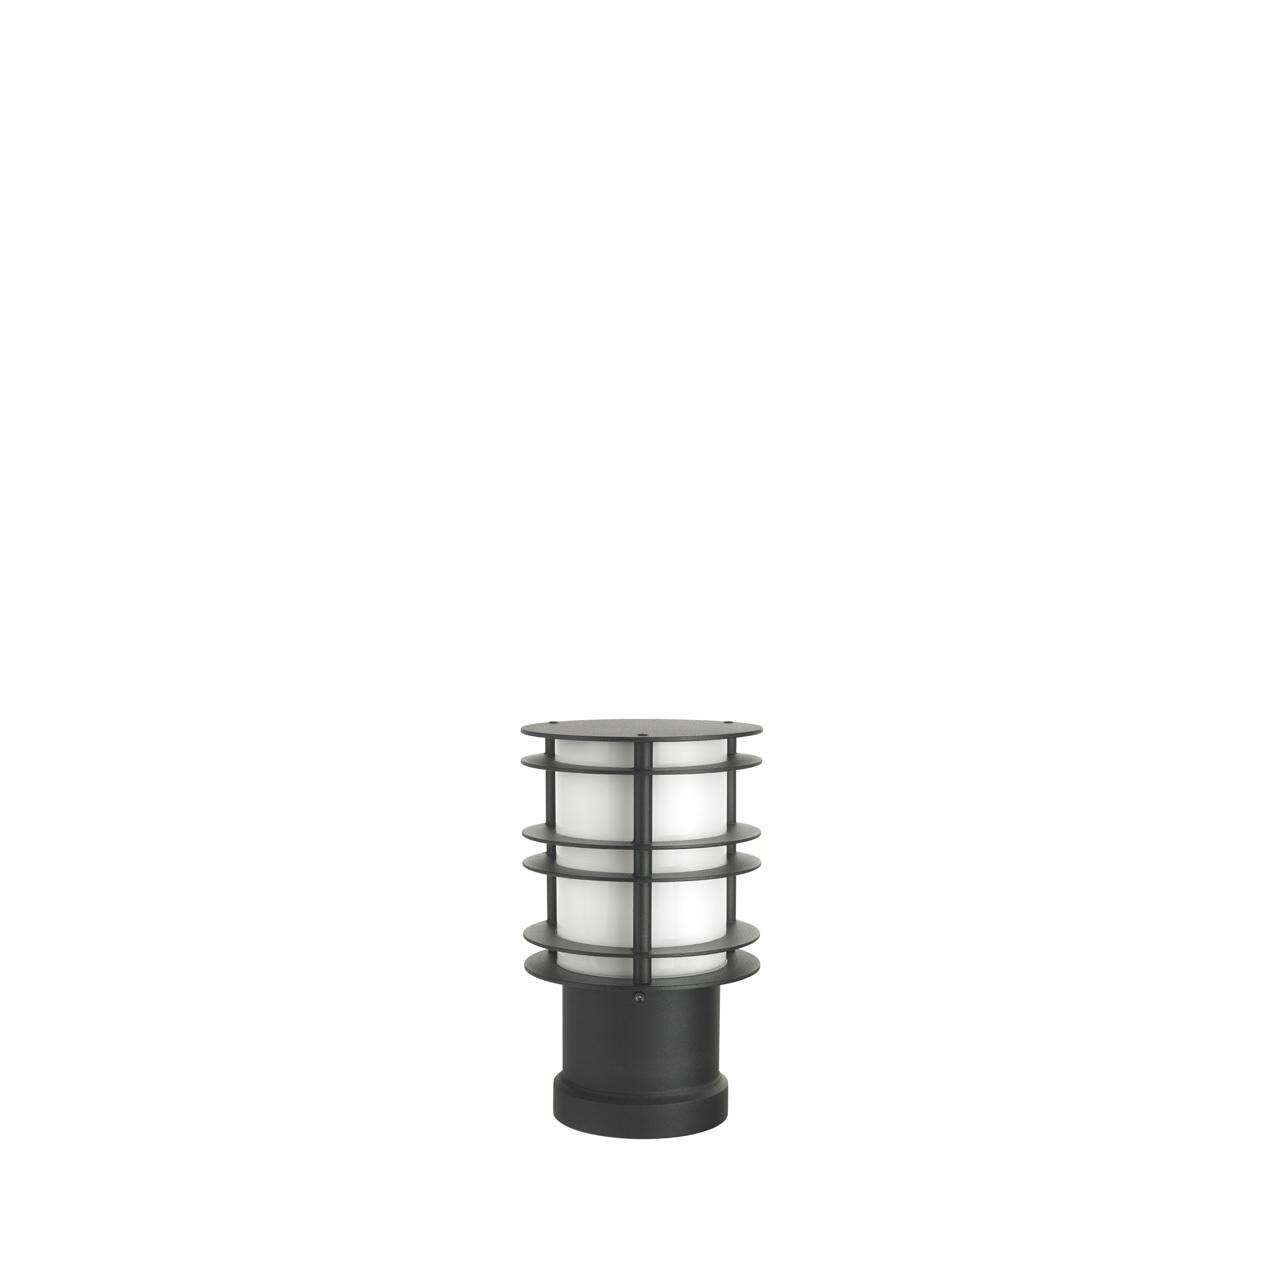 Słupek ogrodowy STOCKHOLM 28CM 299B -Norlys  SPRAWDŹ RABATY  5-10-15-20 % w koszyku